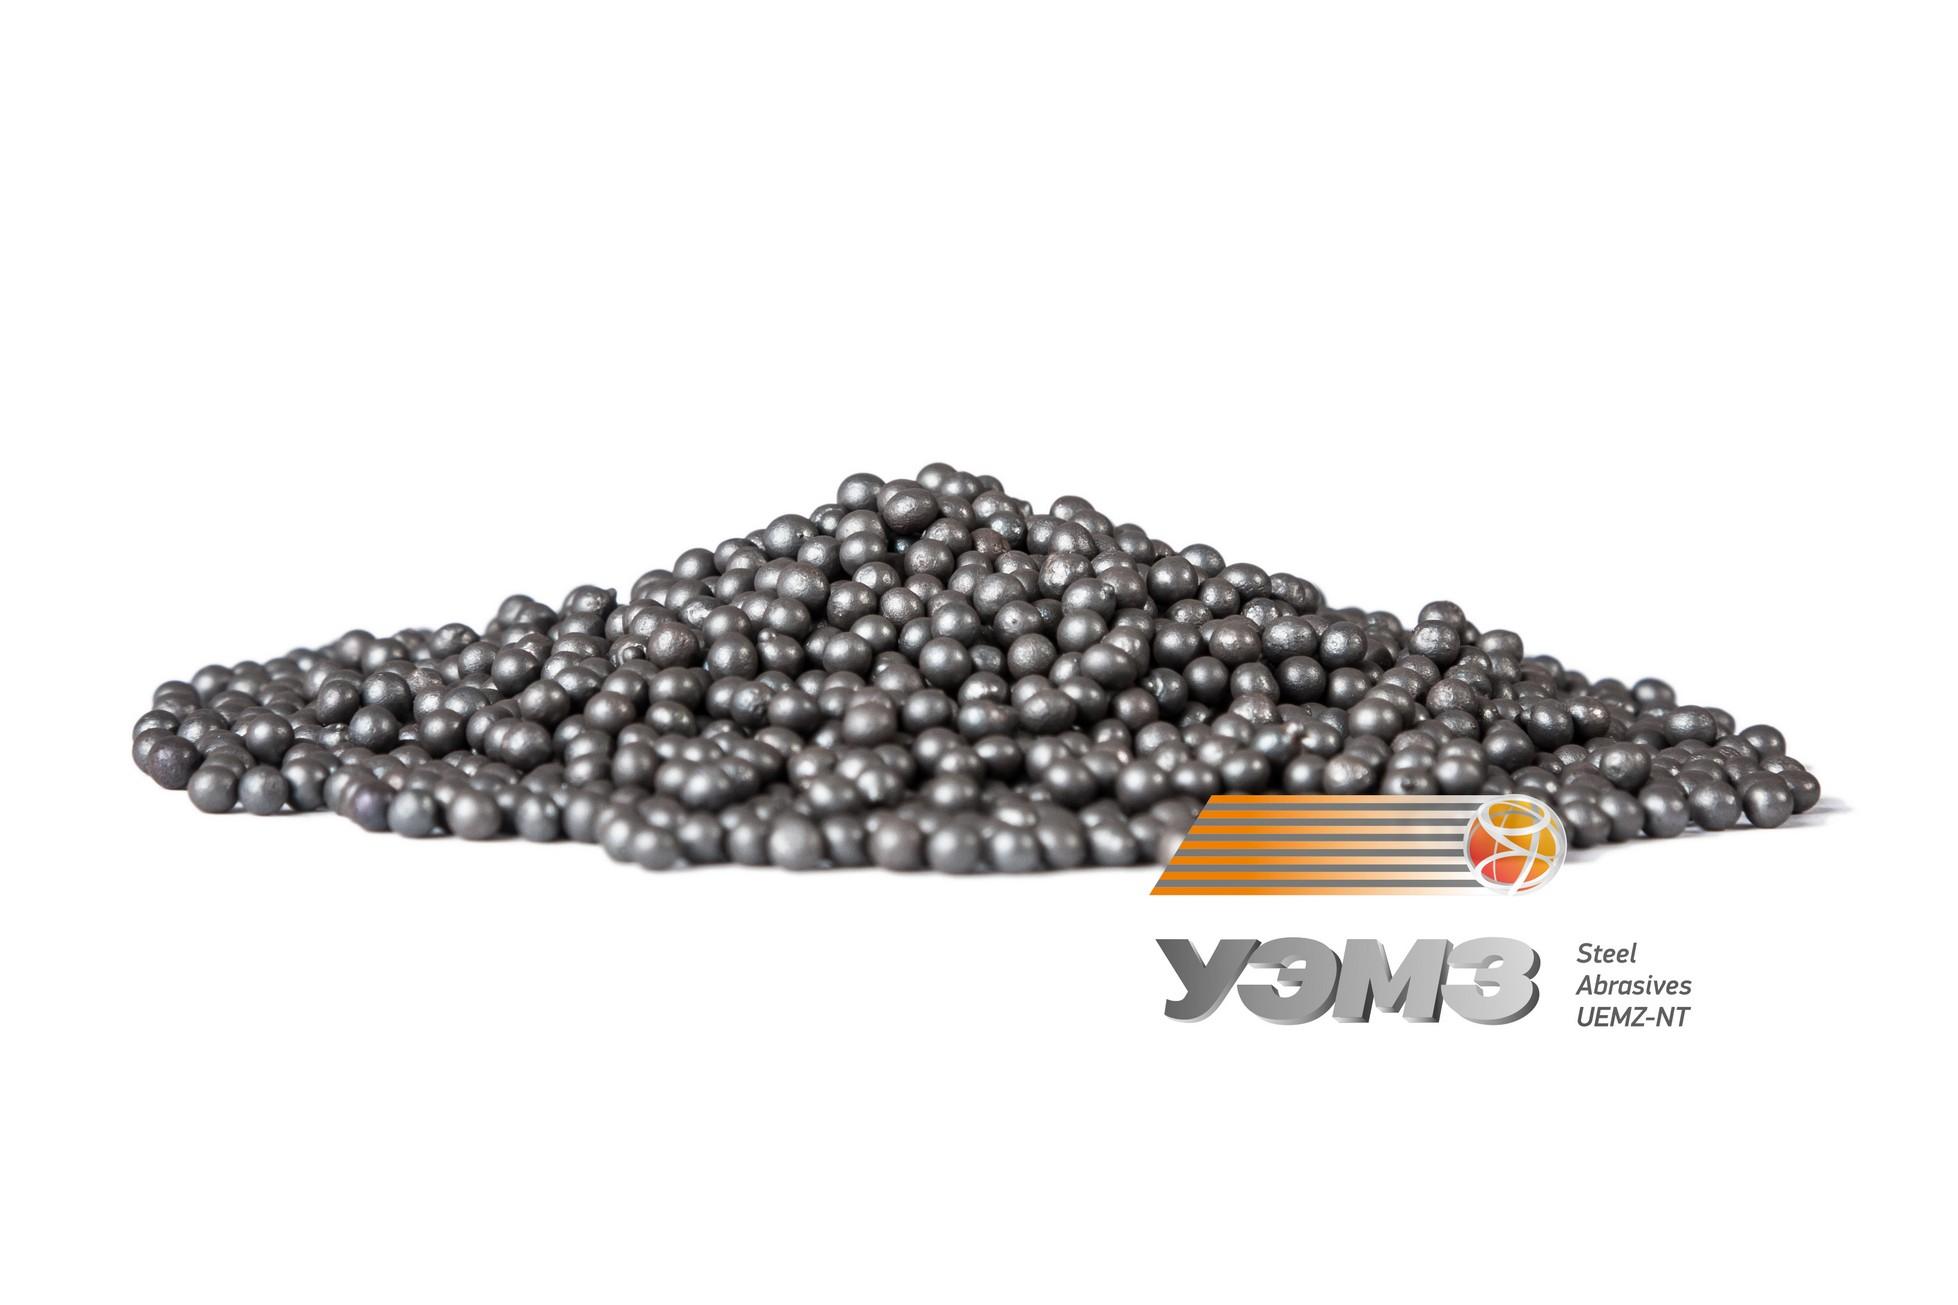 Завод стальной дроби УЭМЗ-НТ 1